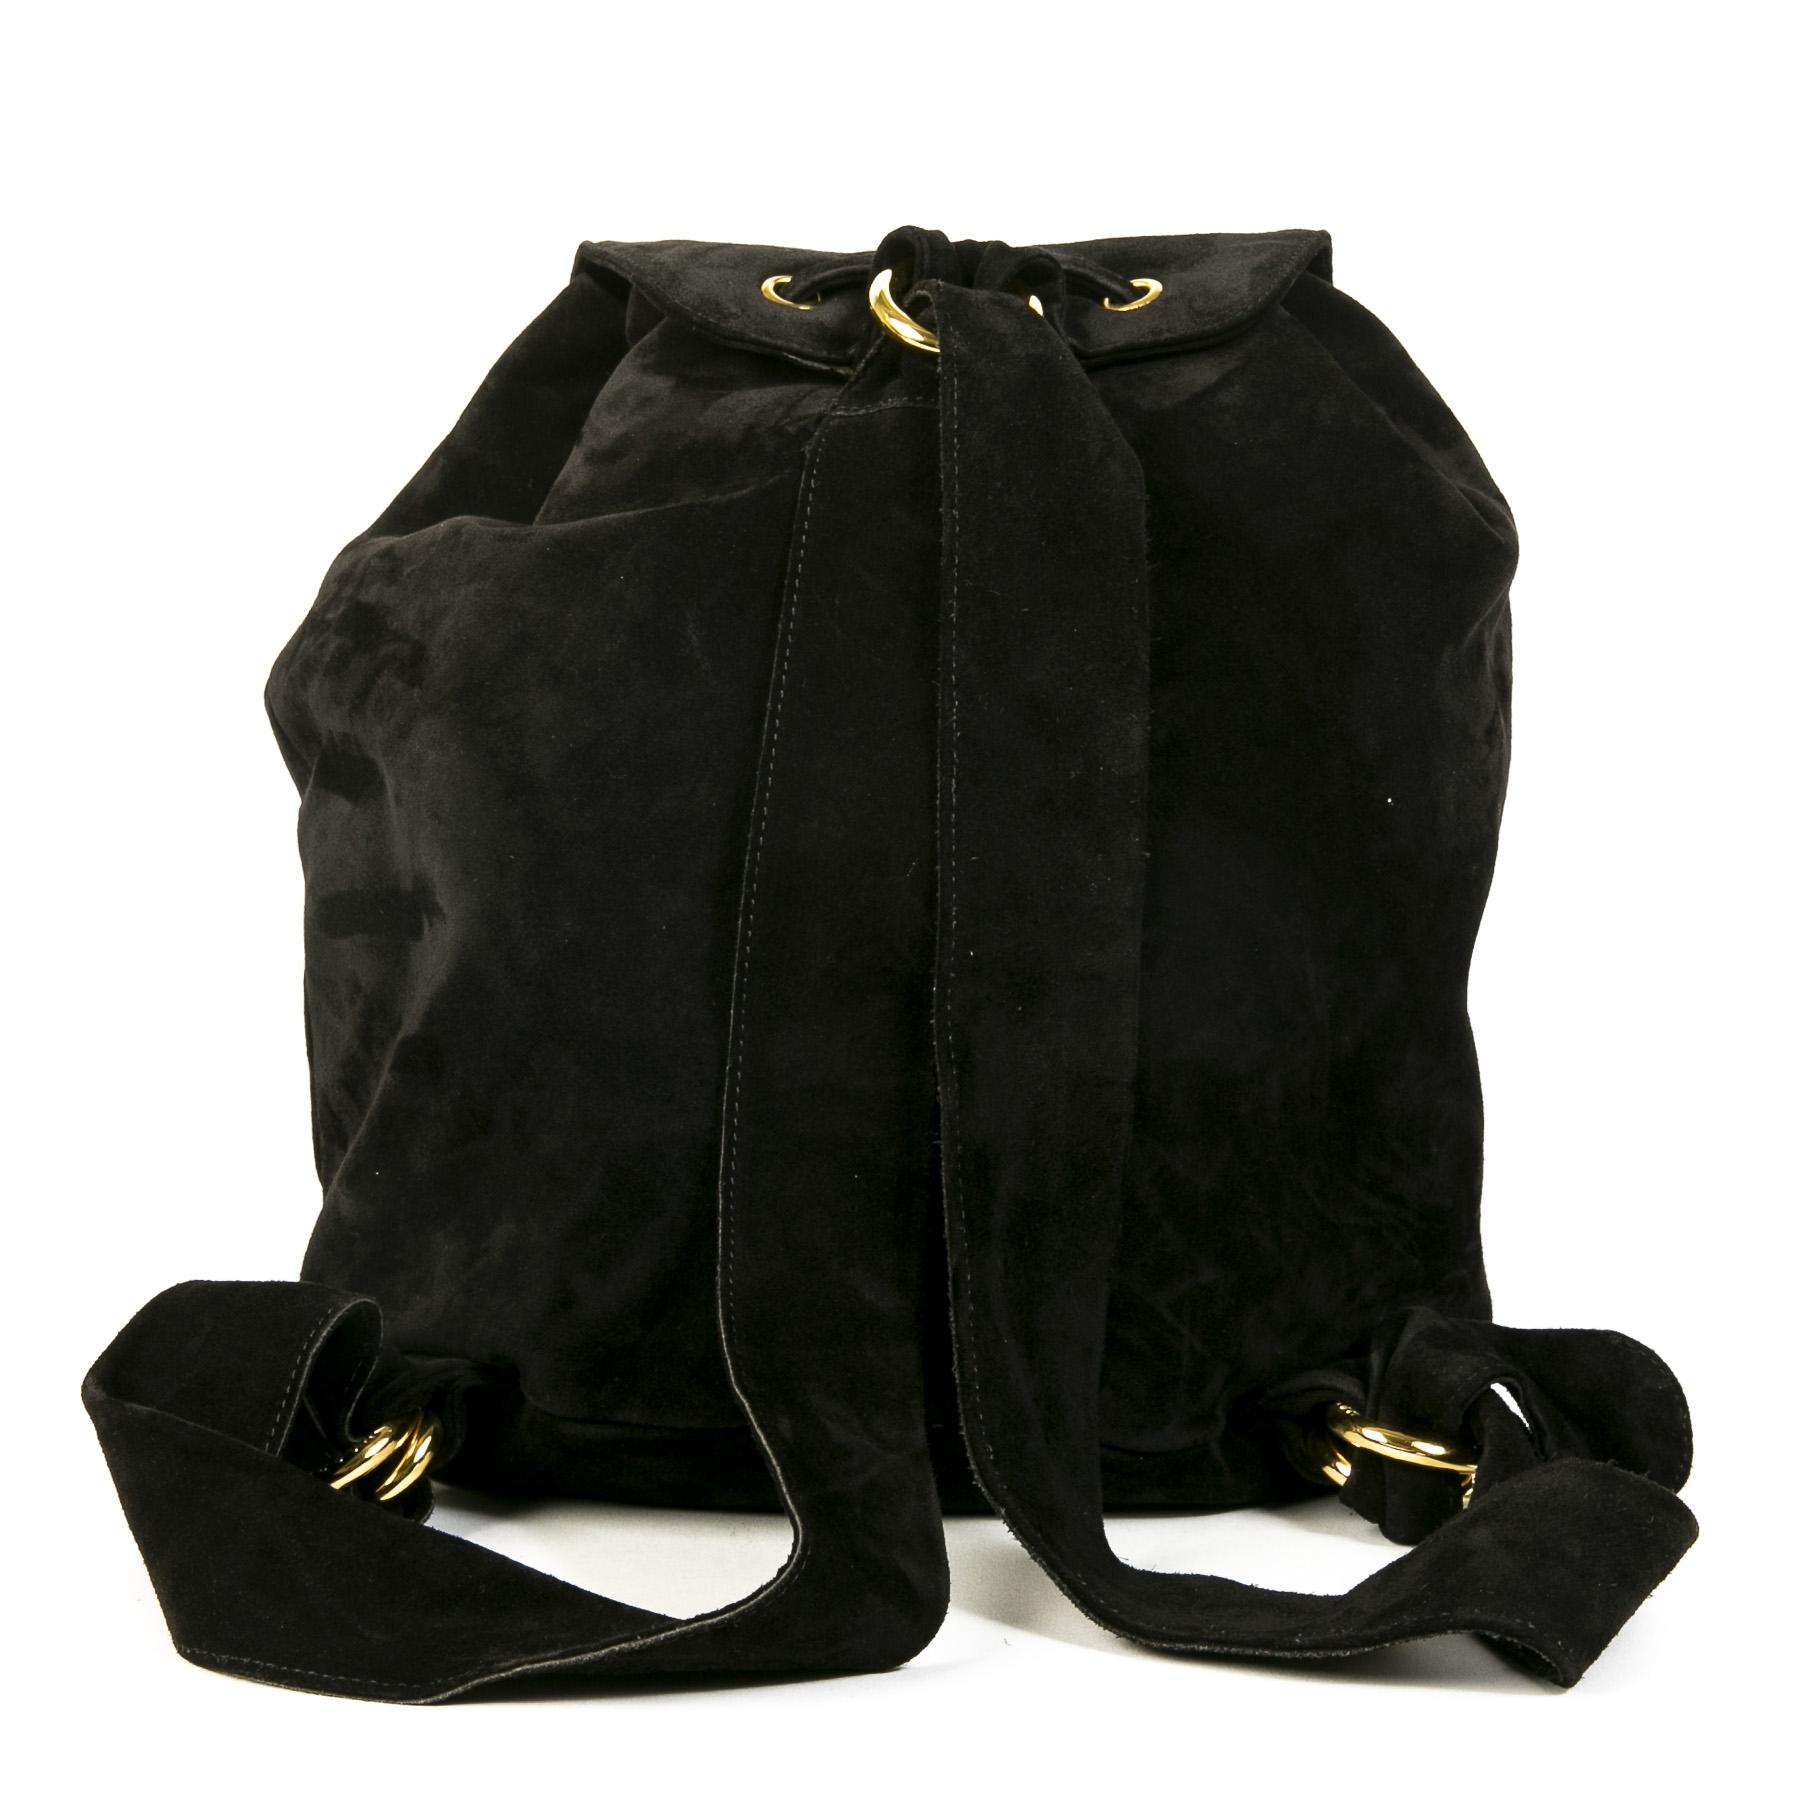 Authentieke Tweedehands Moschino Black Suede Studded Backpack juiste prijs veilig online shoppen luxe merken webshop winkelen Antwerpen België mode fashion